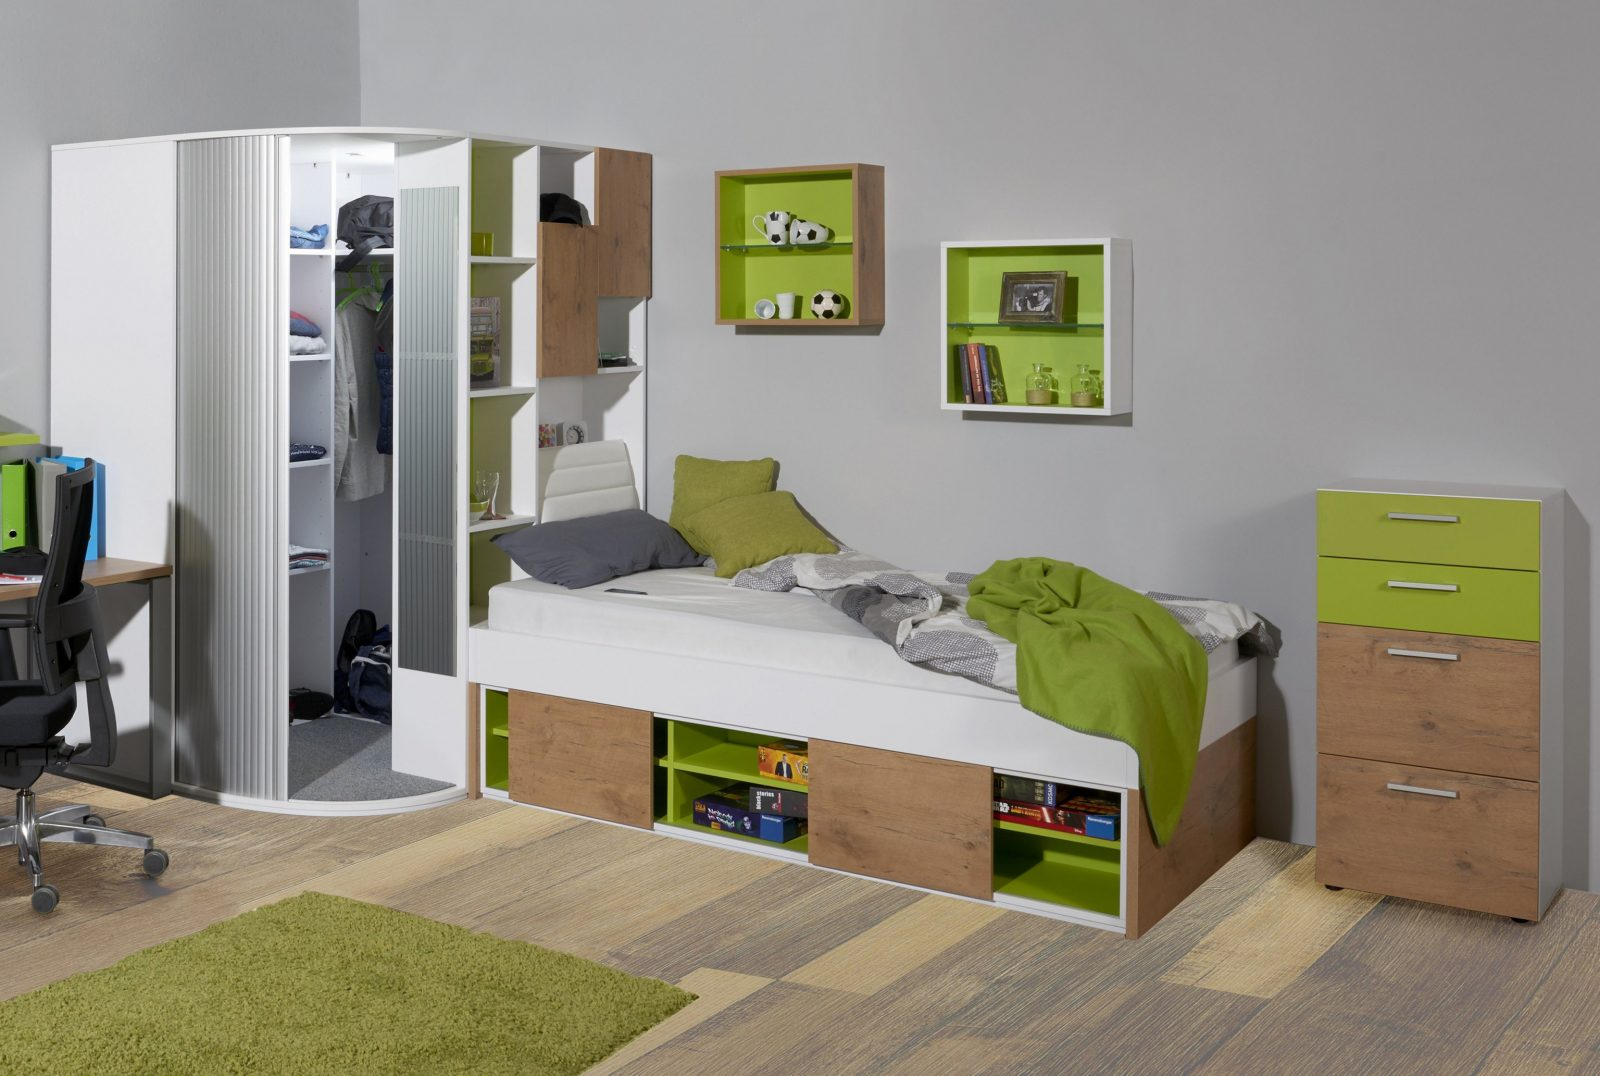 Jugendzimmer Von Rudolf High 5  Eckschrank  Liege  Möbel Letz von Jugendzimmer Mit Begehbarem Schrank Bild